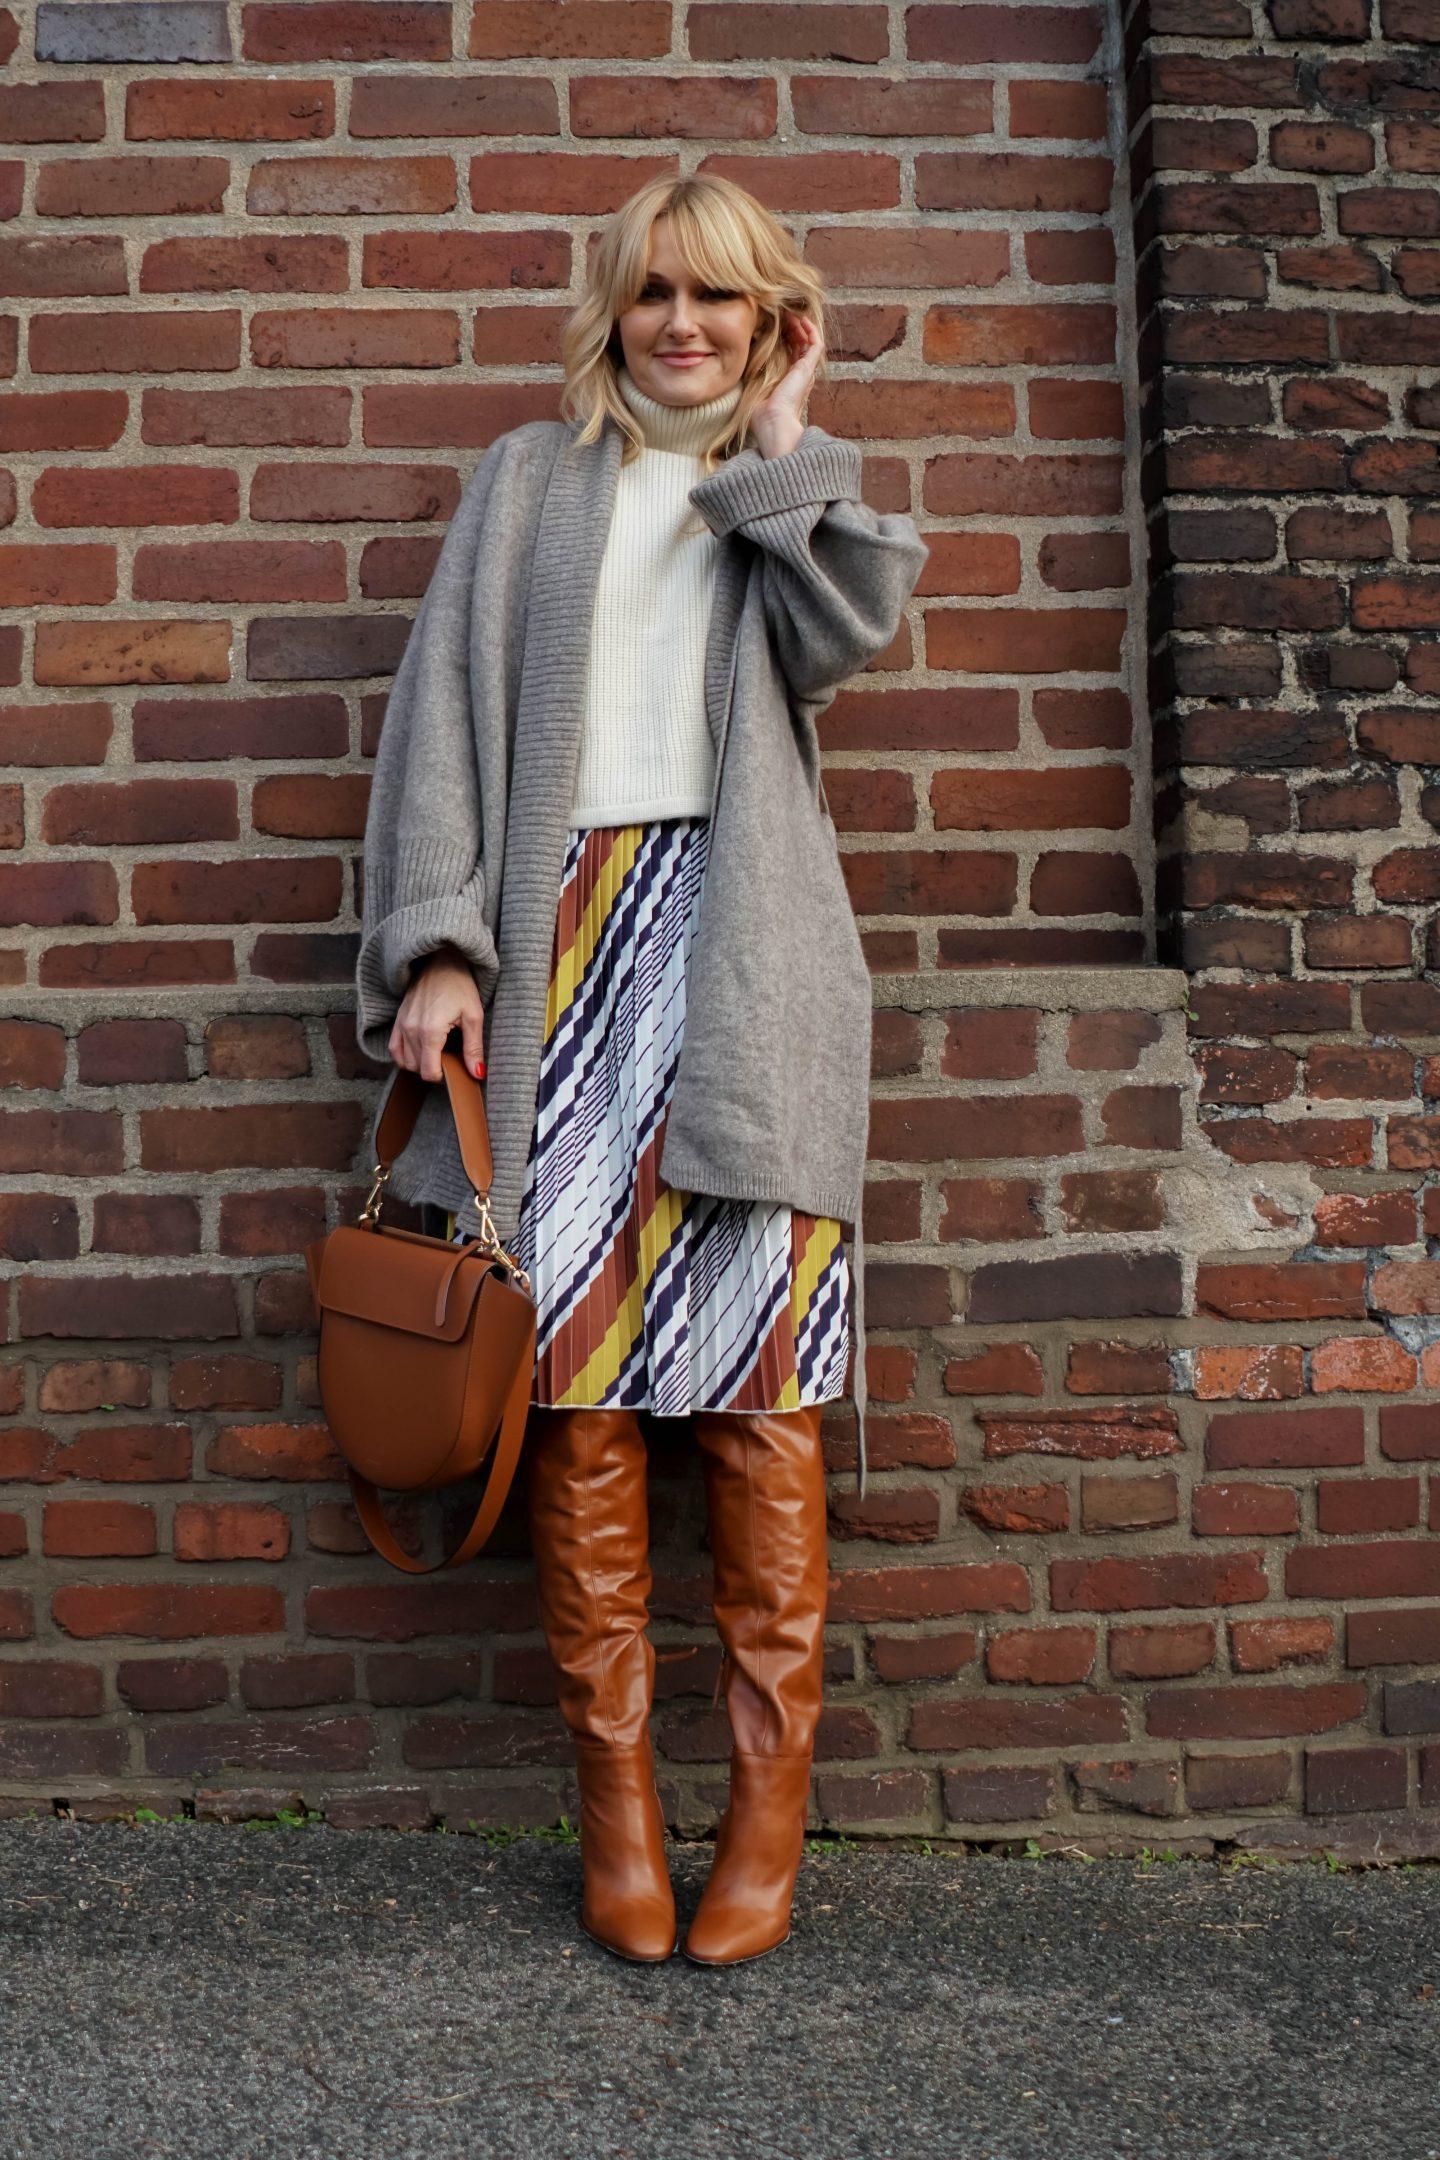 Sommerkleid von Amy Vermont, Wenz winterlich gestylt - Nowshine Fashion Blog